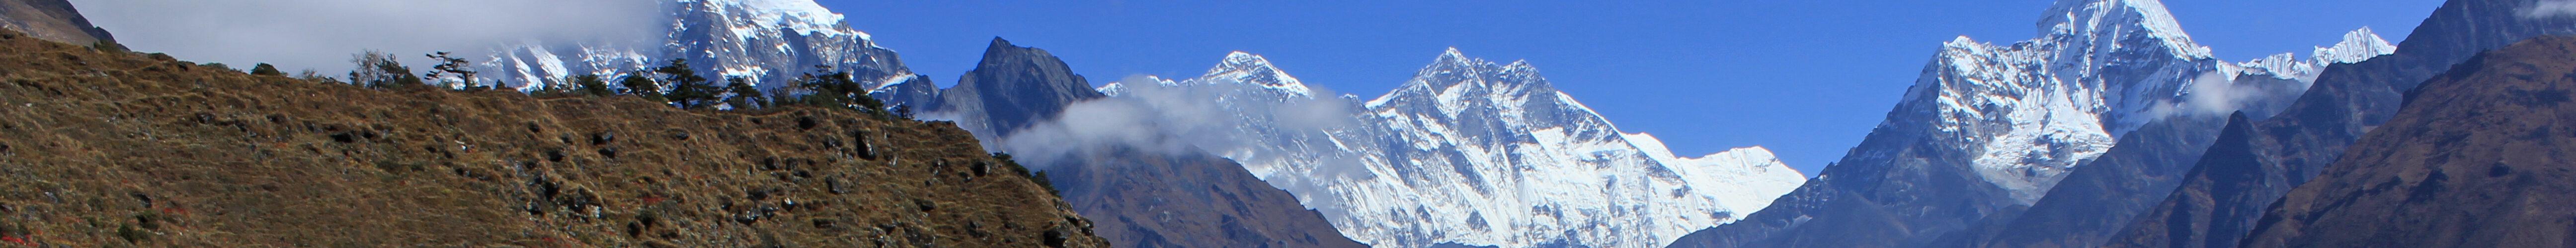 Sagarmatha national park KIPLINGTRAVEL